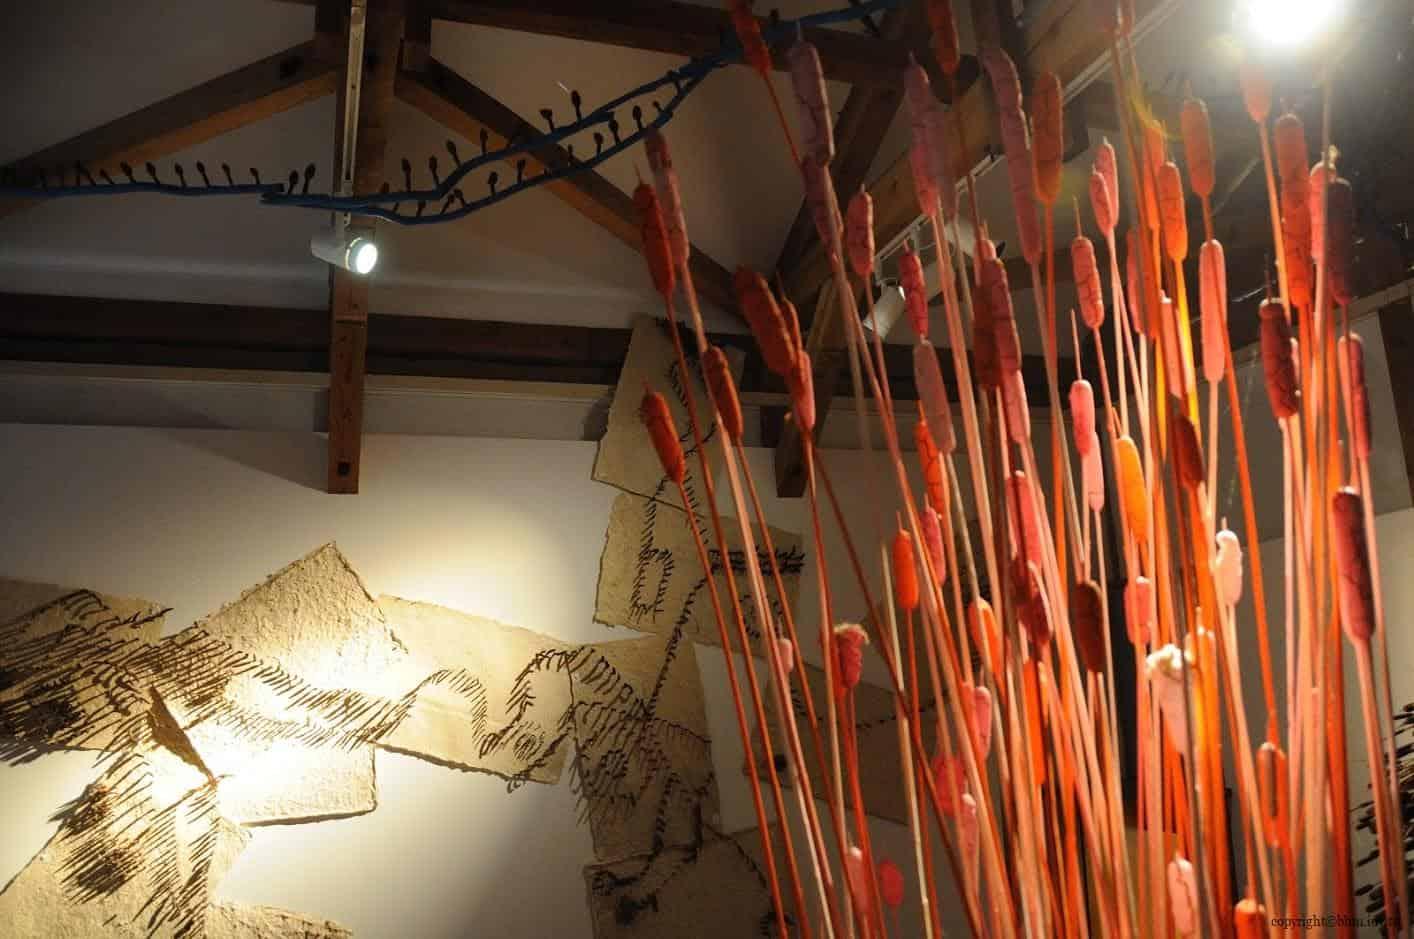 田島征三,繪本和樹木果實美術館,以「學校不是空的喔!」為主題 繪本和樹木果實美術館 繪本和樹木果實美術館 hachi seizo tashima museum of picture book art 08